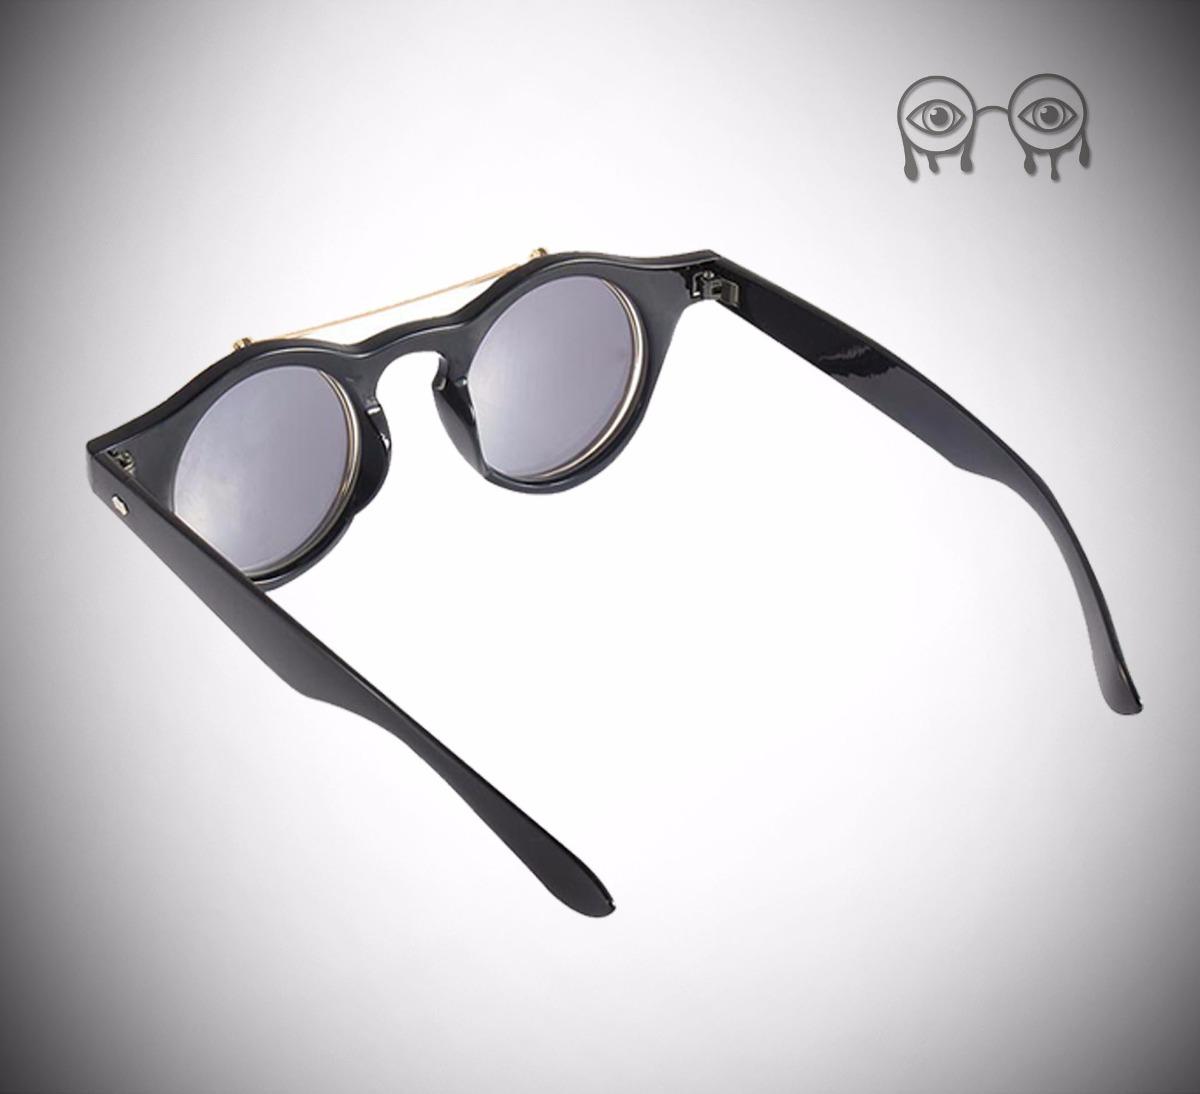 1e2b7a638e086 Óculos De Sol Flip Up Lente Dupla Unissex Deep Vision - R  135,00 em ...